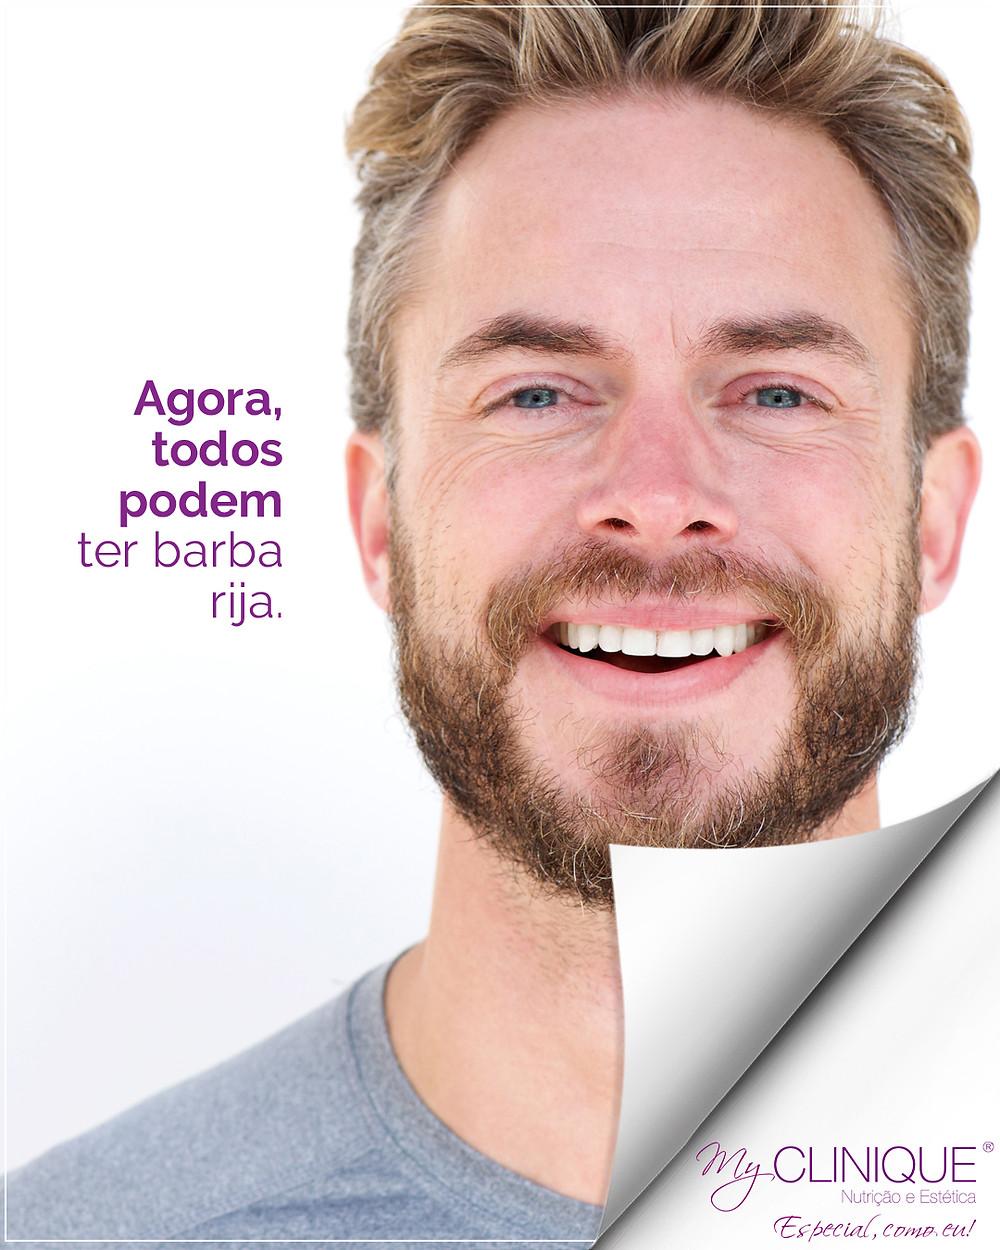 myclinique transplante barba